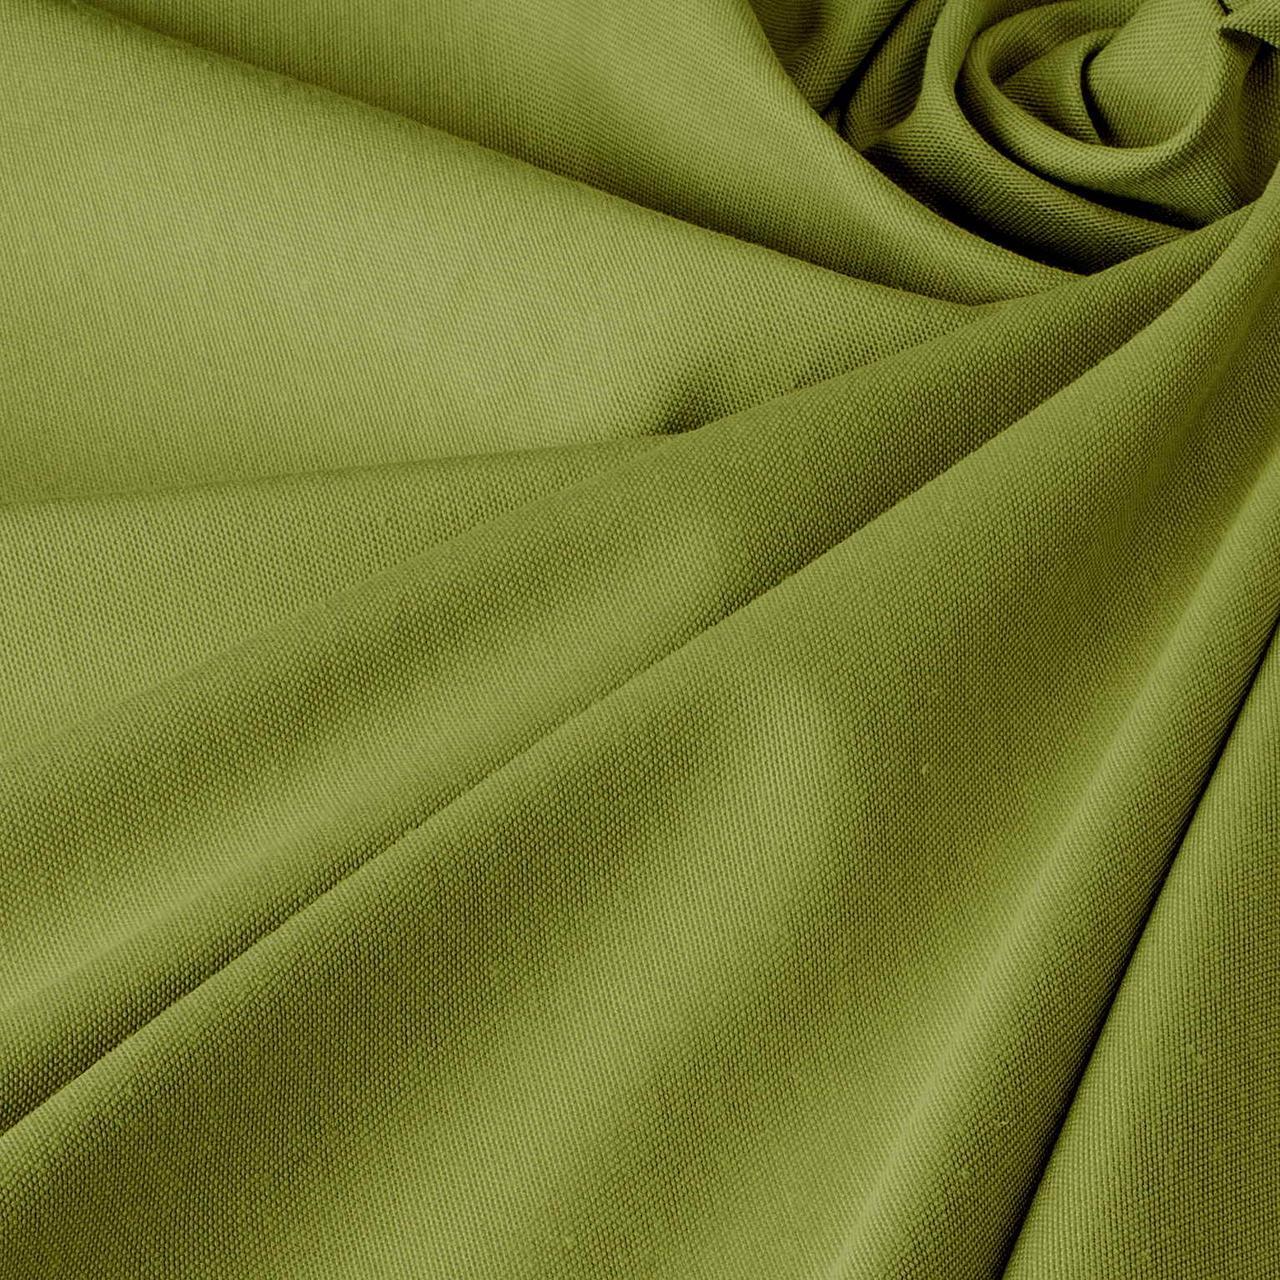 Однотонная декоративная ткань лесной зеленый тефлон TDRY-81126